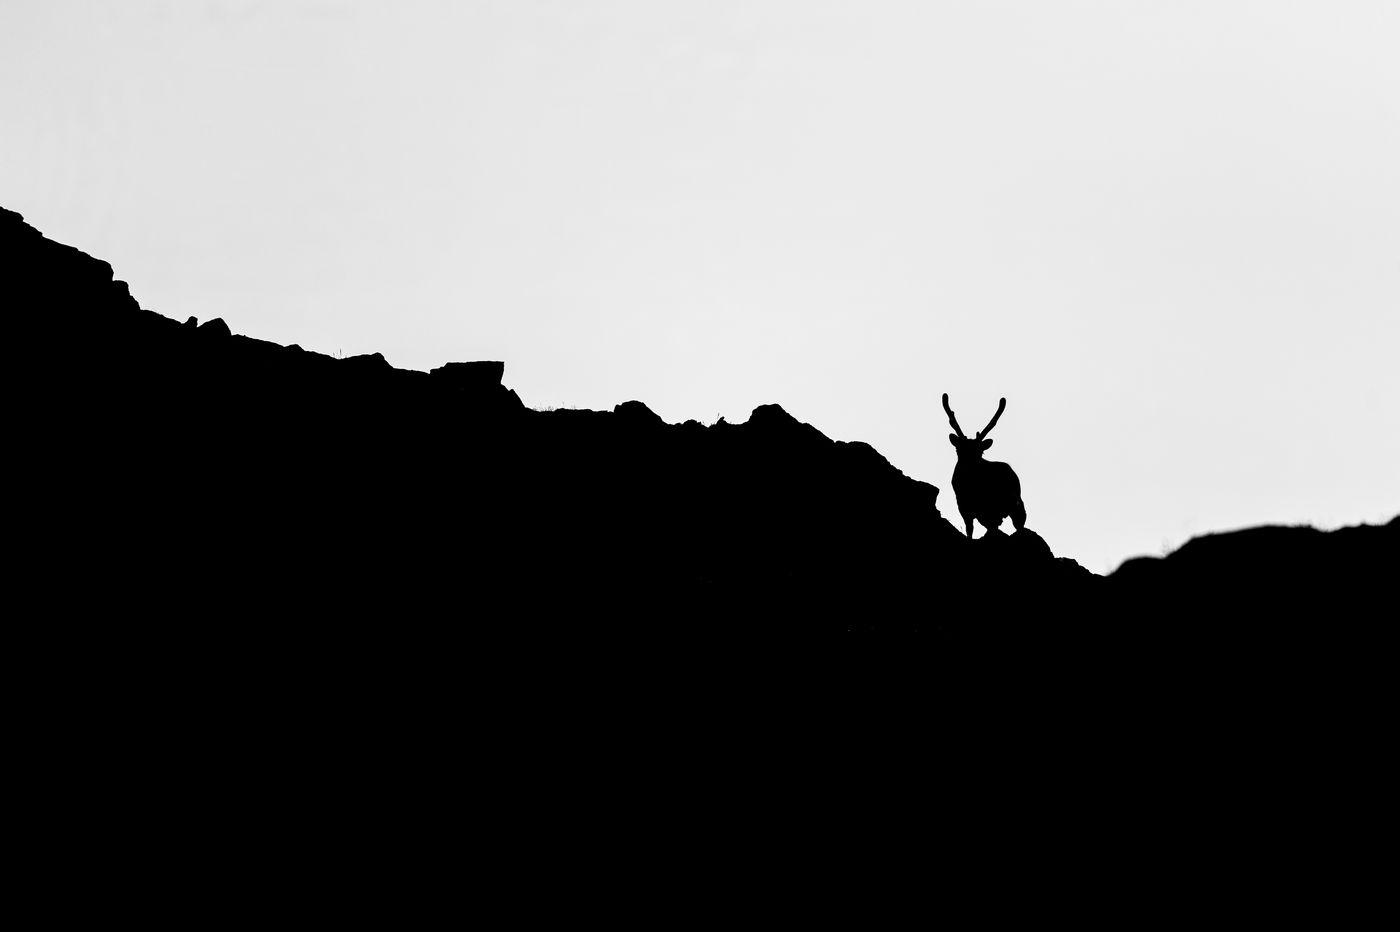 Een rendier tekent af tegen de witte achtergrond. © David 'Billy' Herman